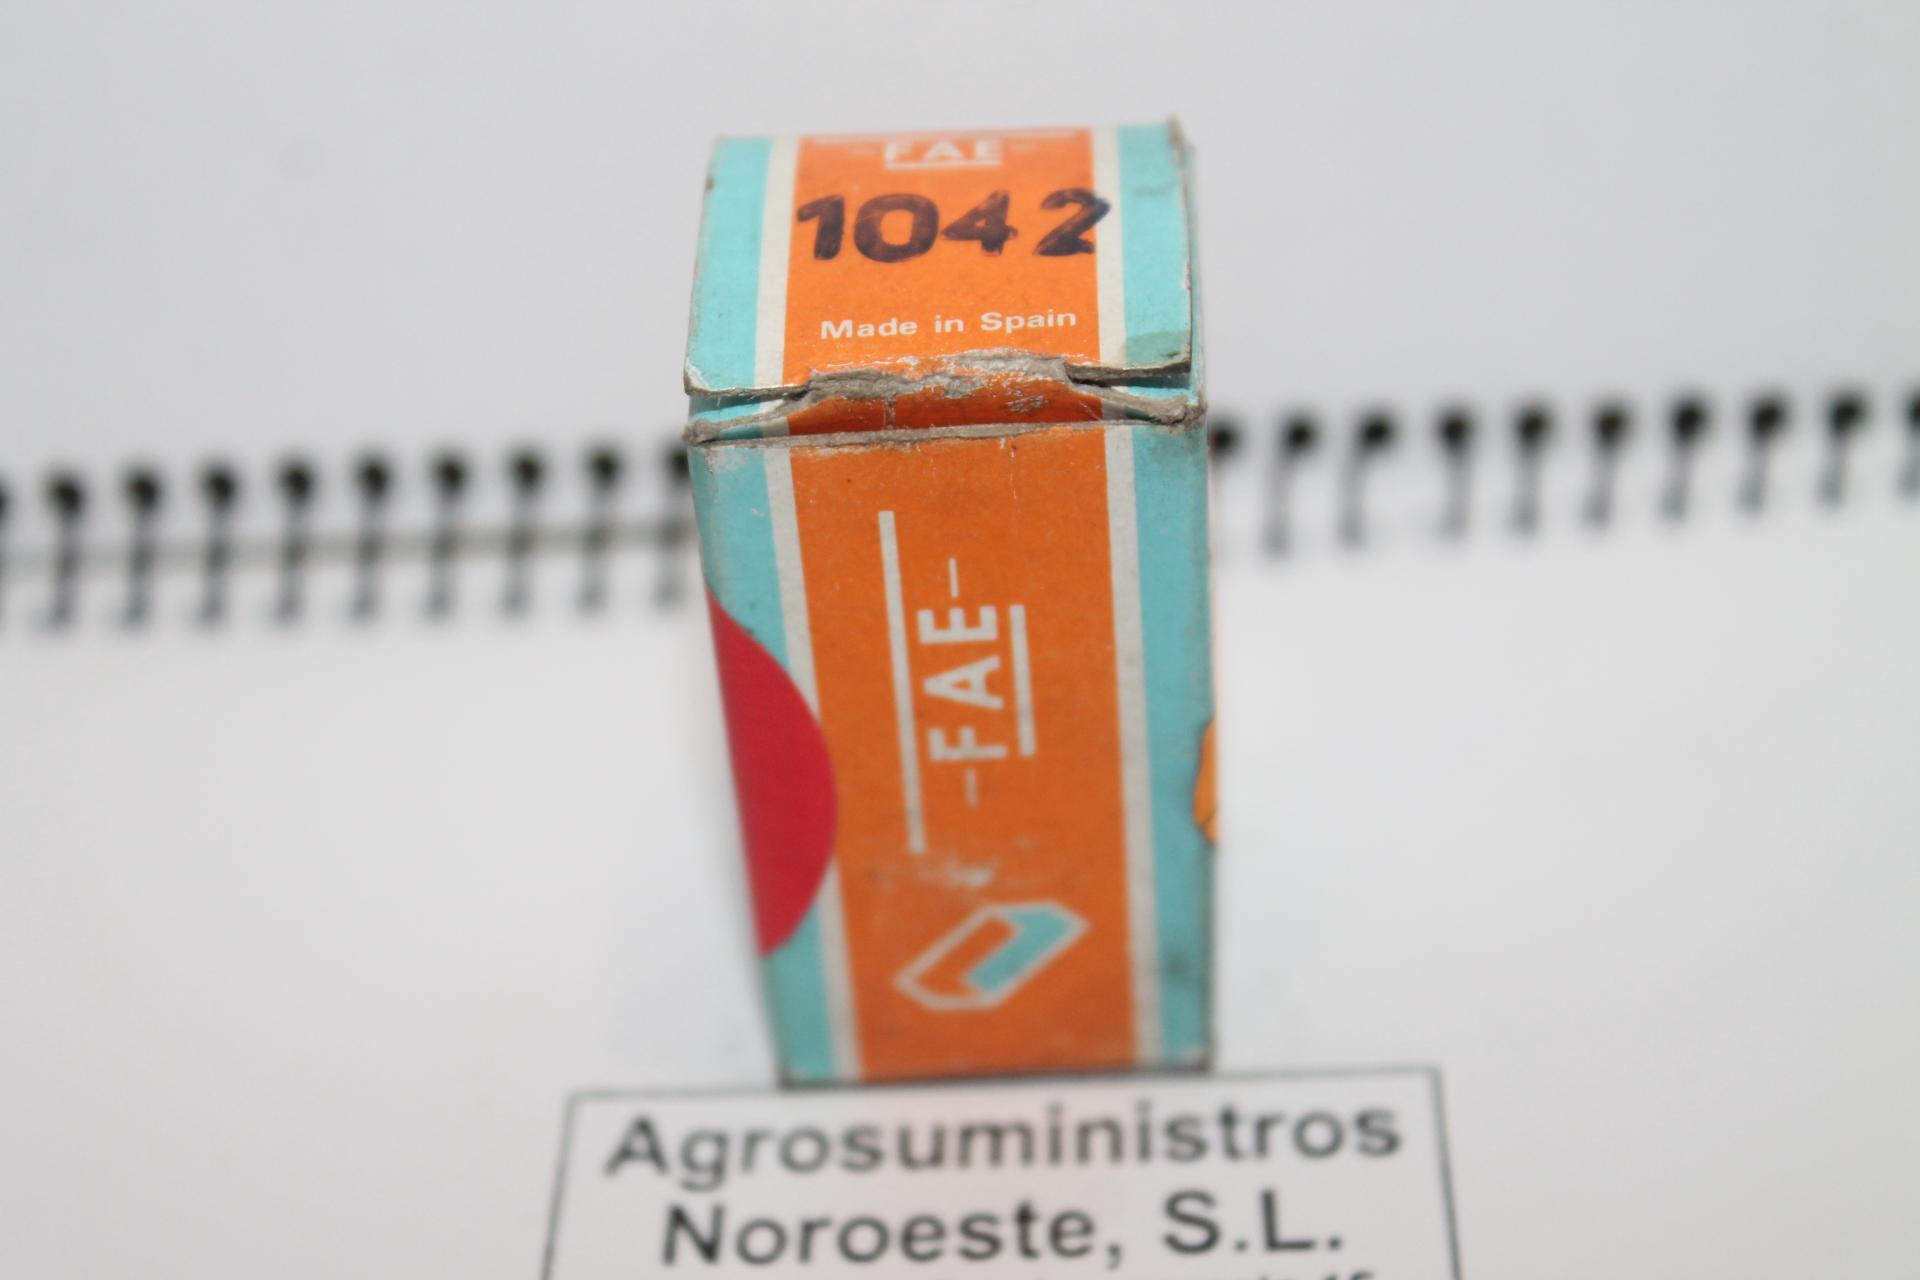 Manocontacto FAE 1042